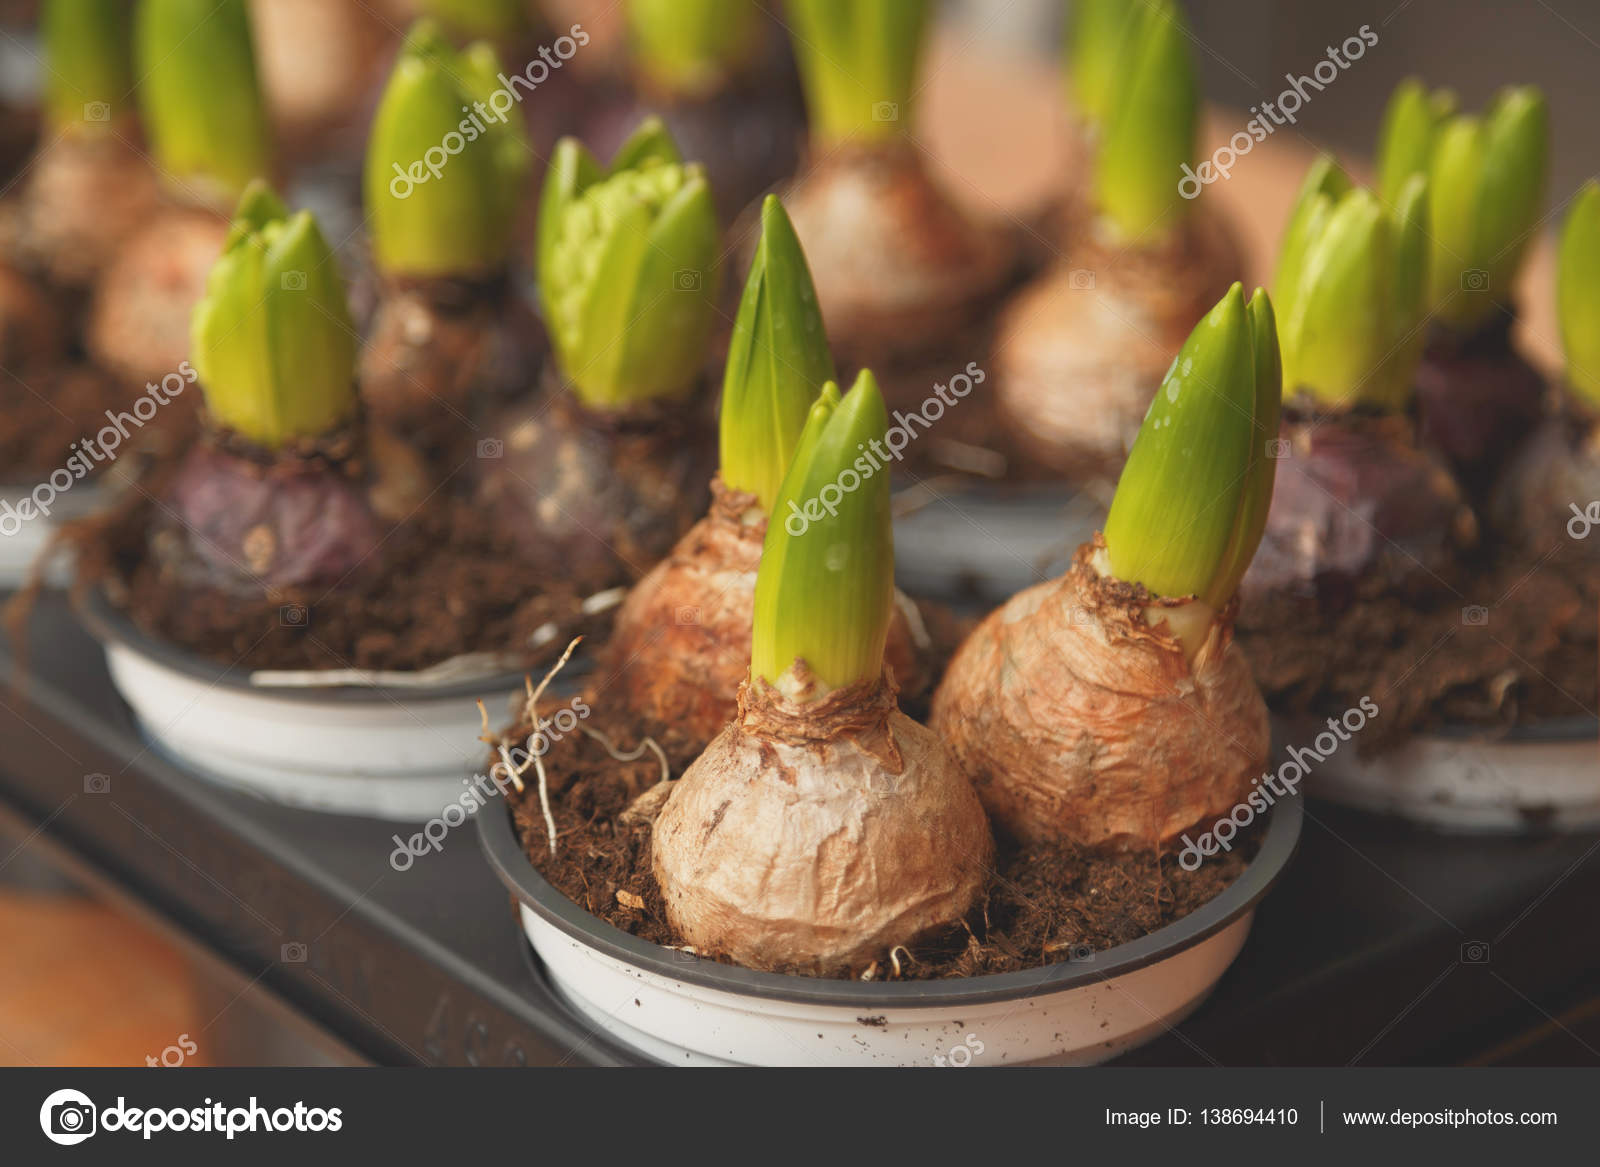 Cebulki Kwiatowe W Doniczkach Gotowe Do Sadzenia W Kwietnik